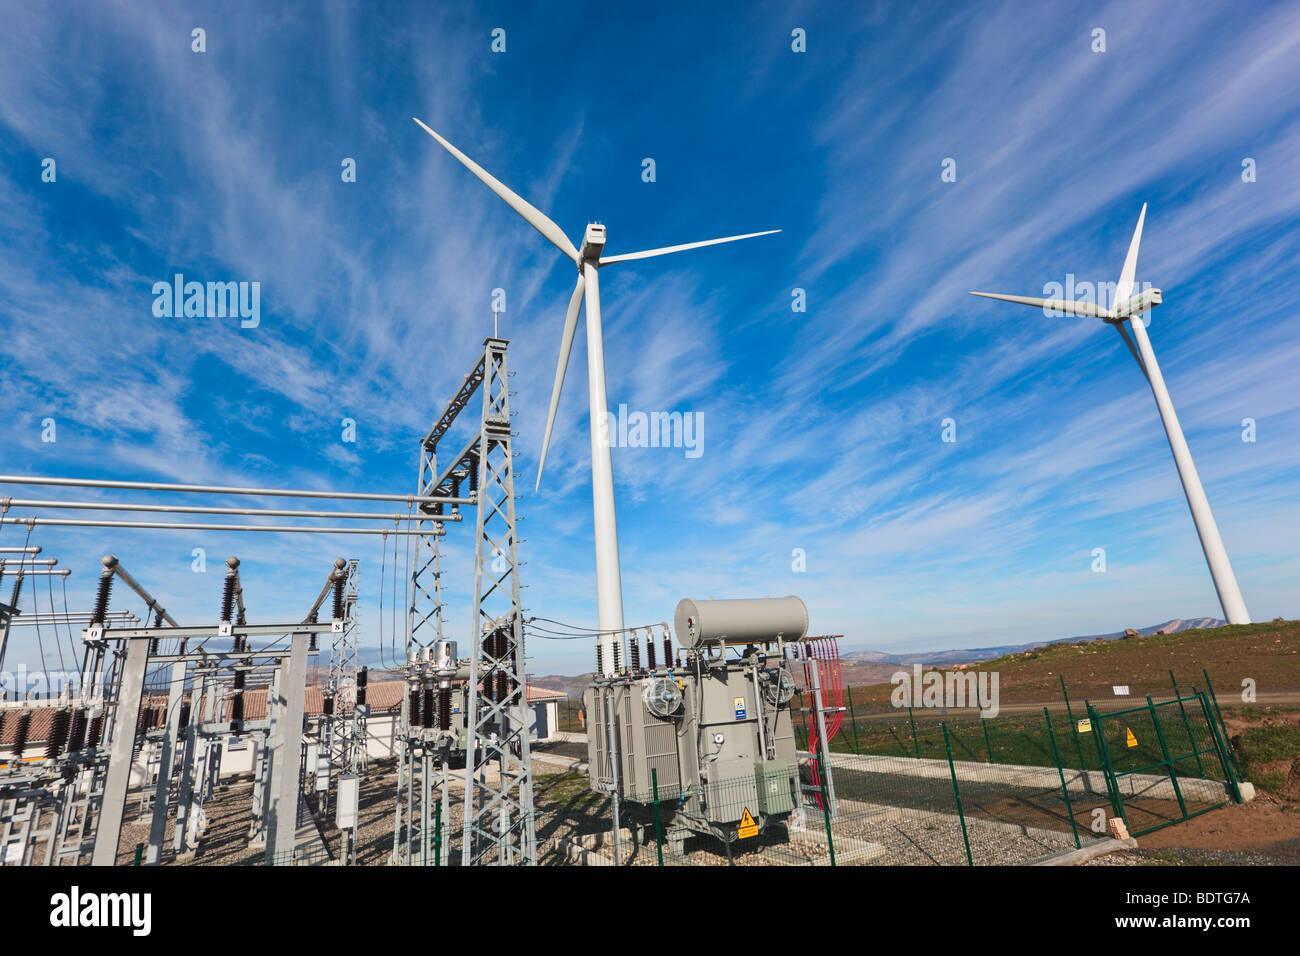 Wind Energy center vicino a Ardales, provincia di Malaga, Spagna. Mulini a vento e trasformatori. Immagini Stock